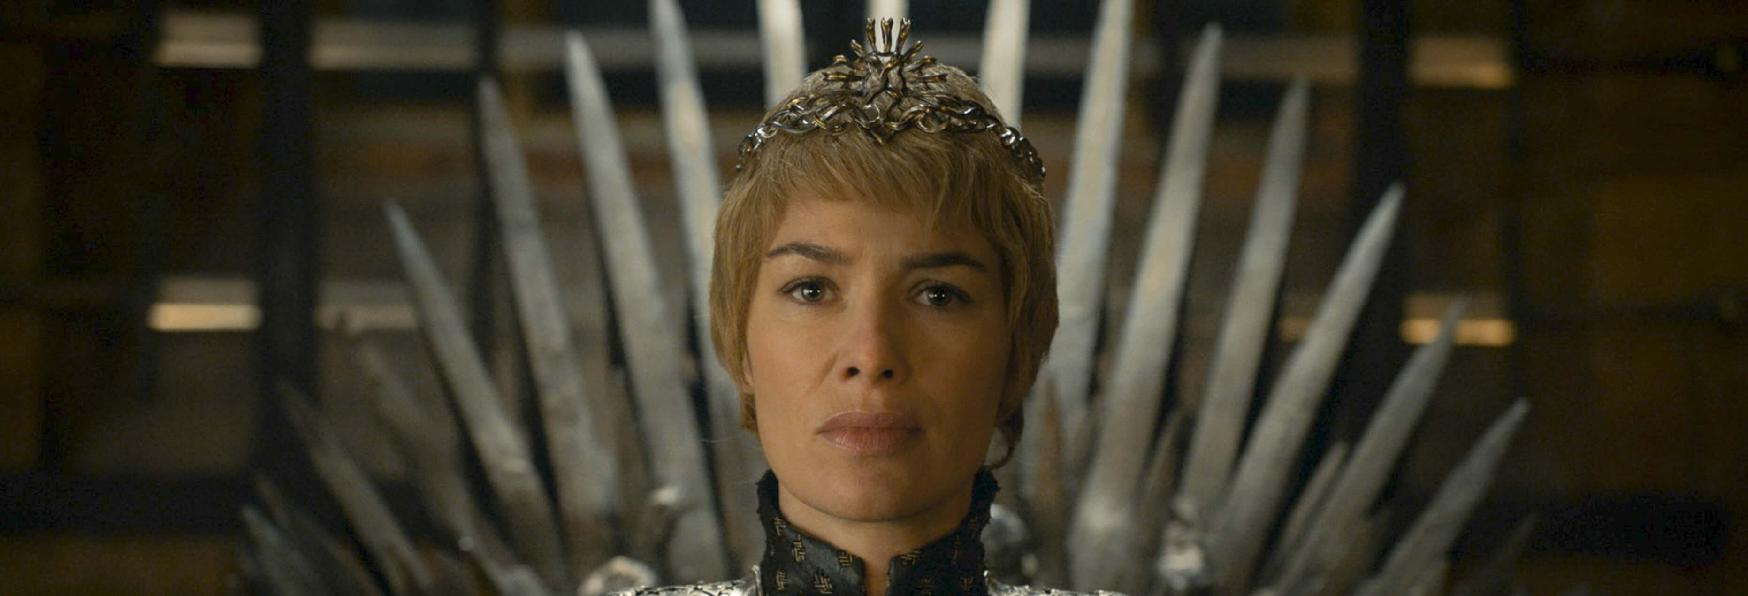 Game of Thrones 7: Lena Headey svela un'importante Scena Tagliata